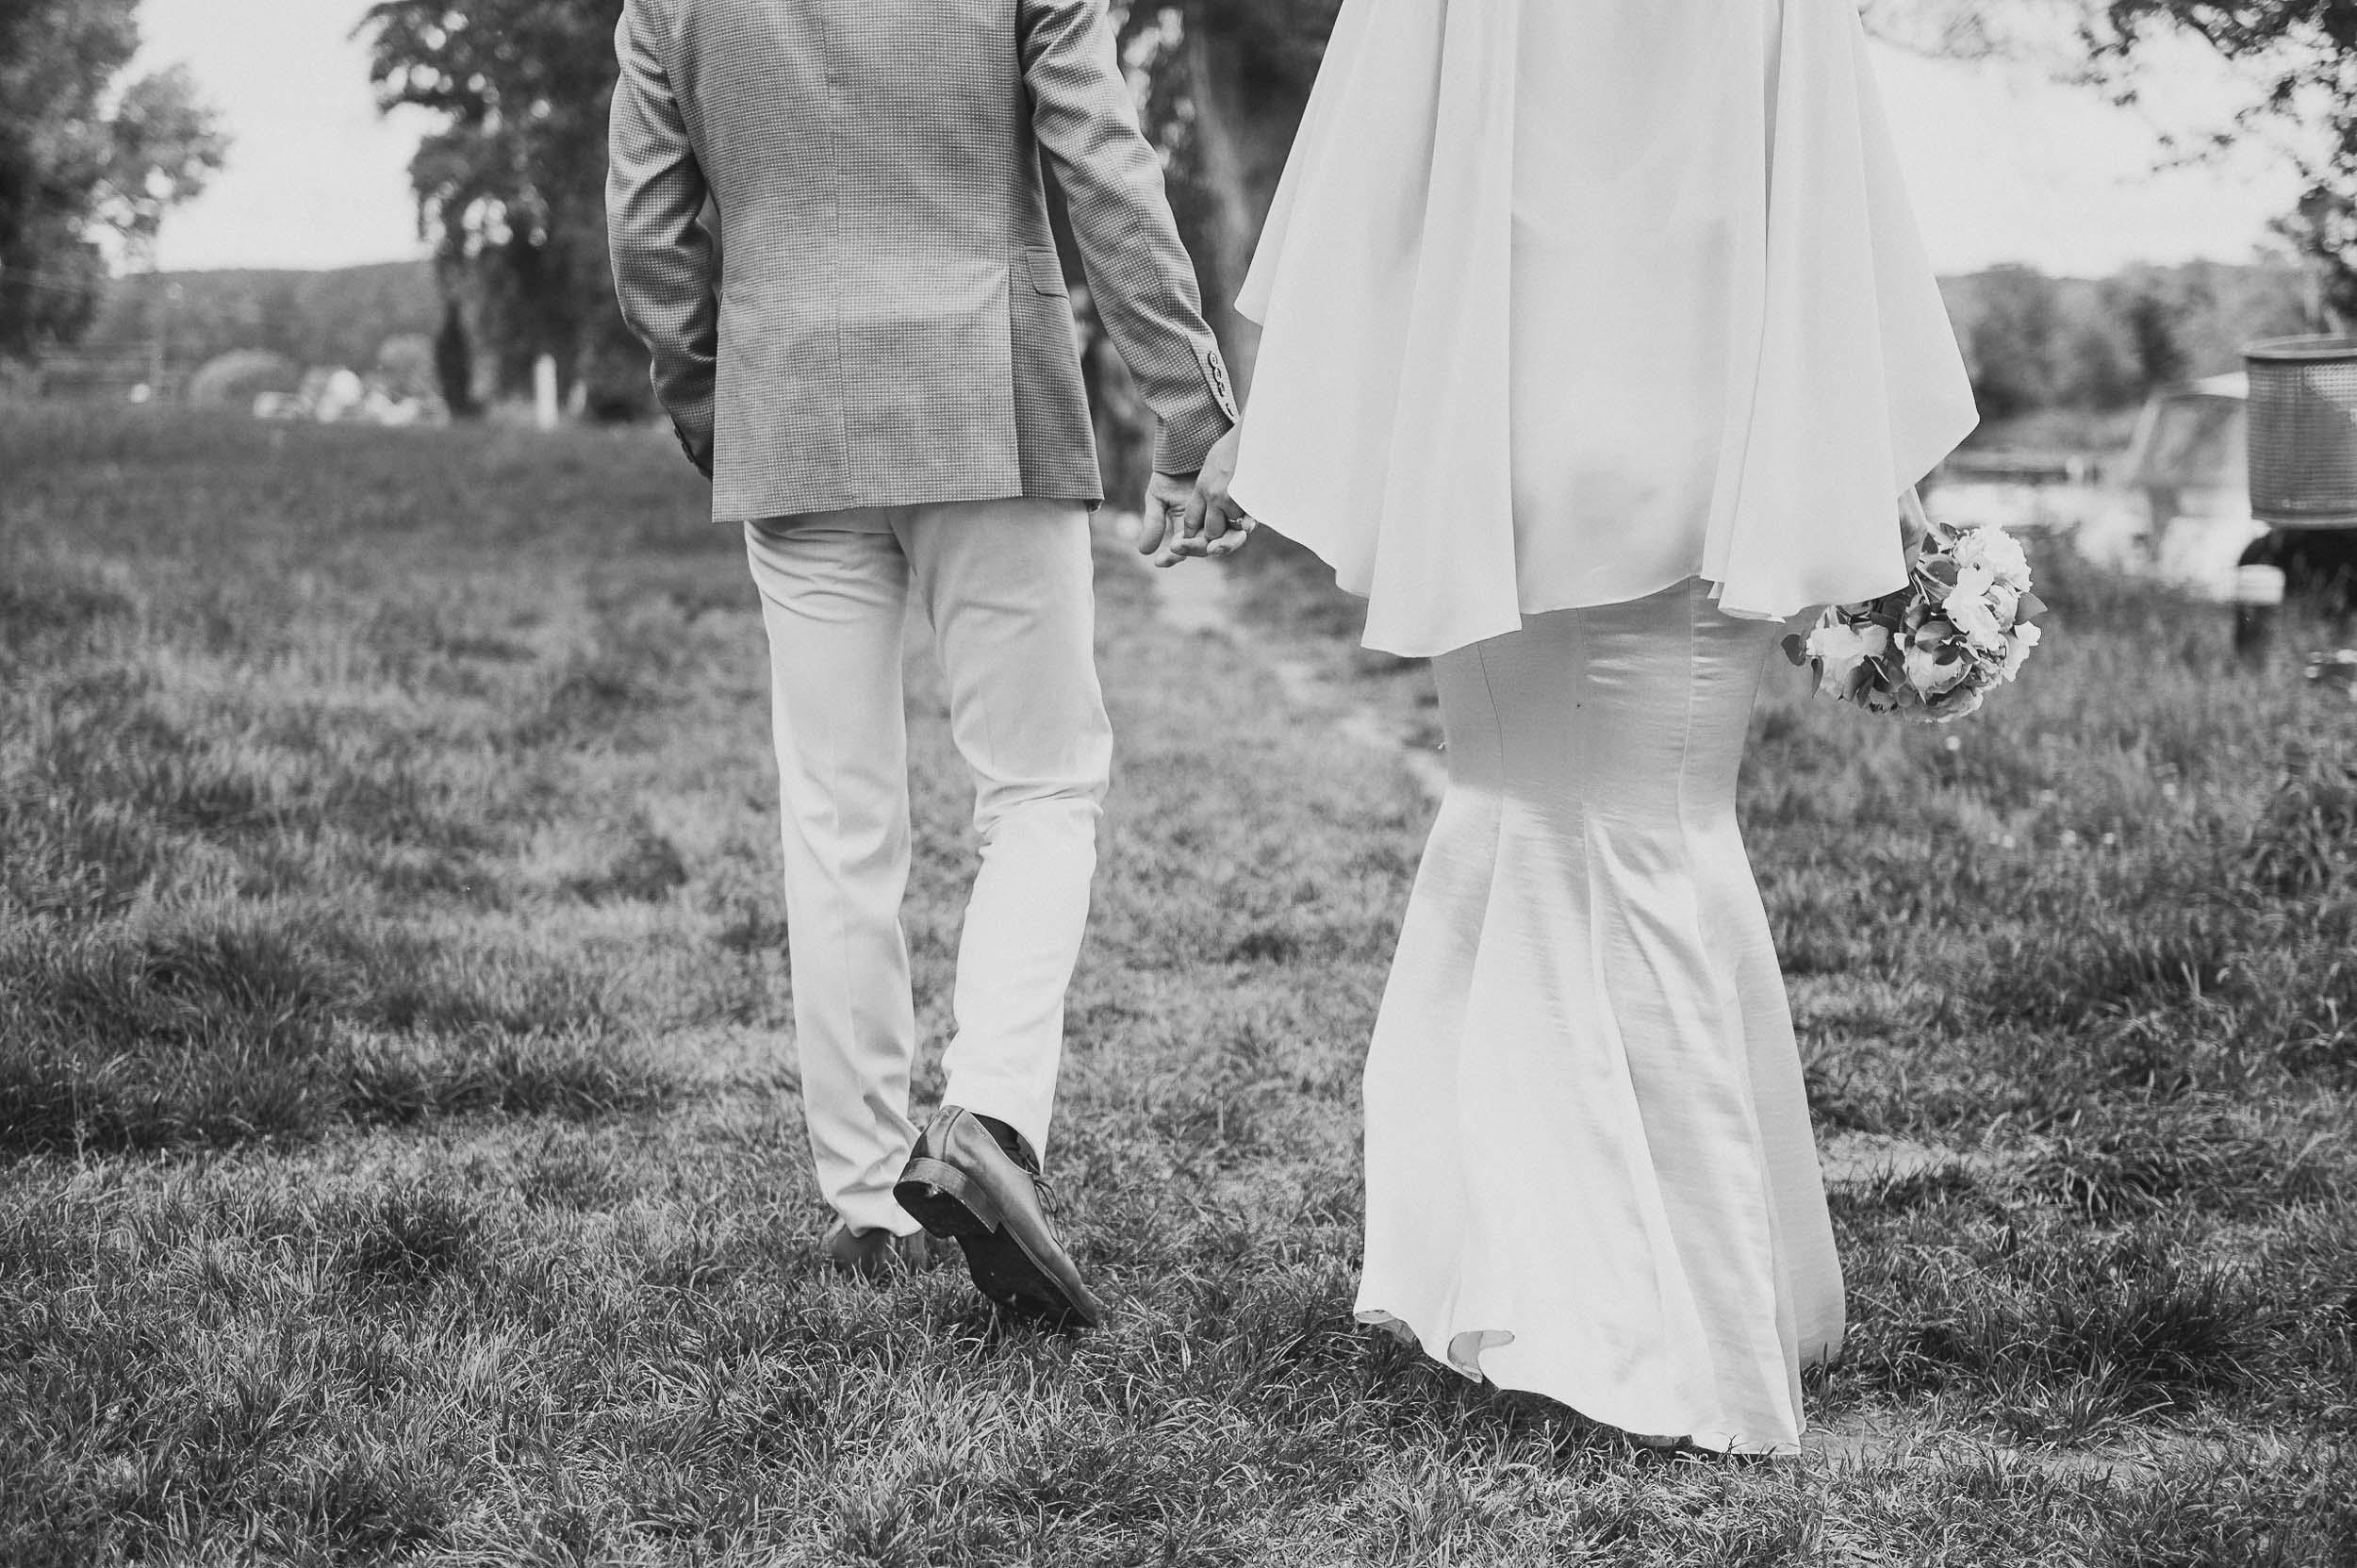 MW-Hochzeitsfotografie_Hochzeitsfotograf_Braut & Bräutigam beim gehen.jpg